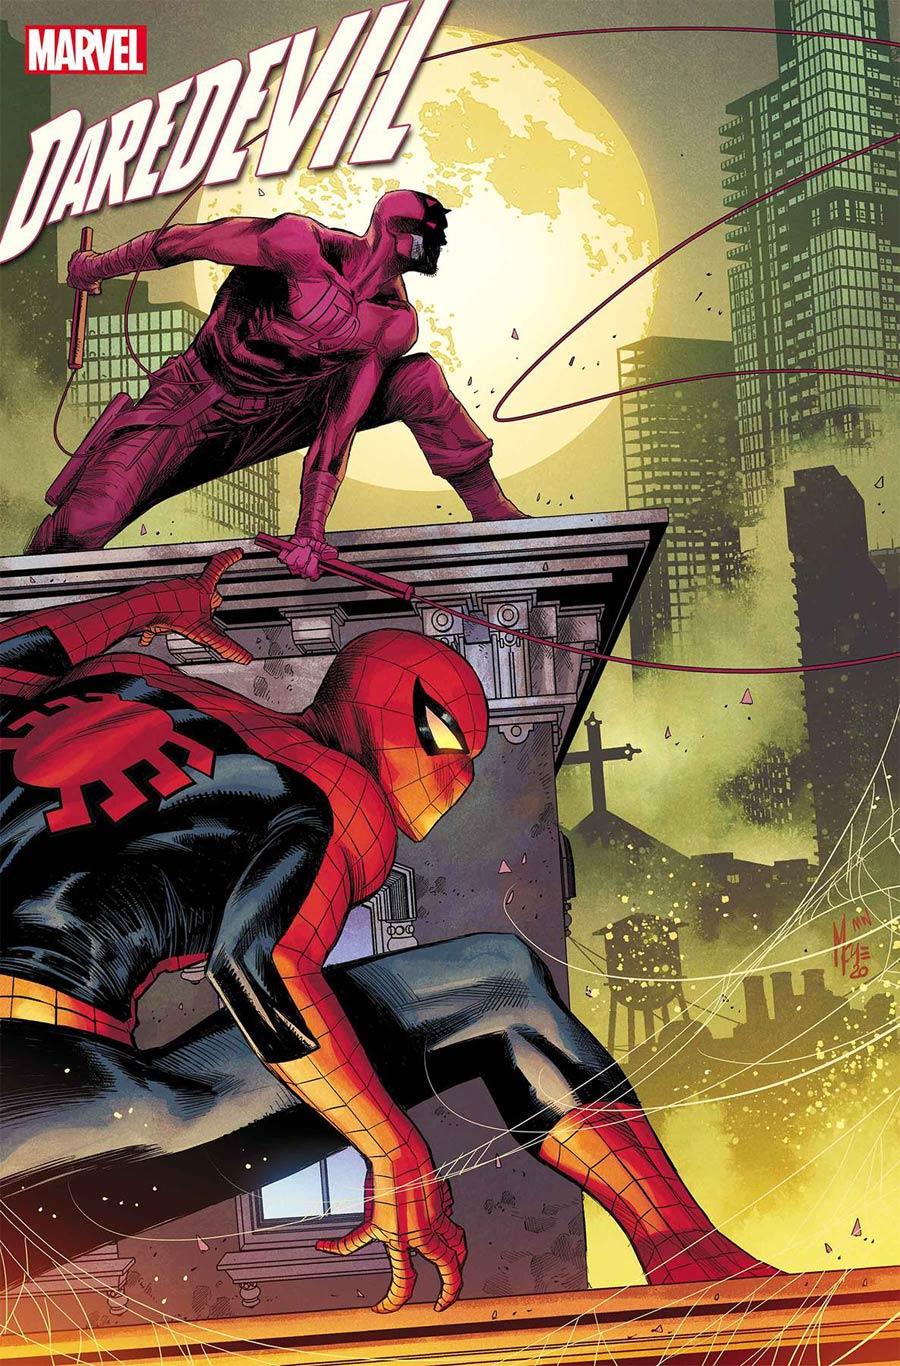 Daredevil Vol 6 #23 Cover A Regular Marco Checchetto Cover